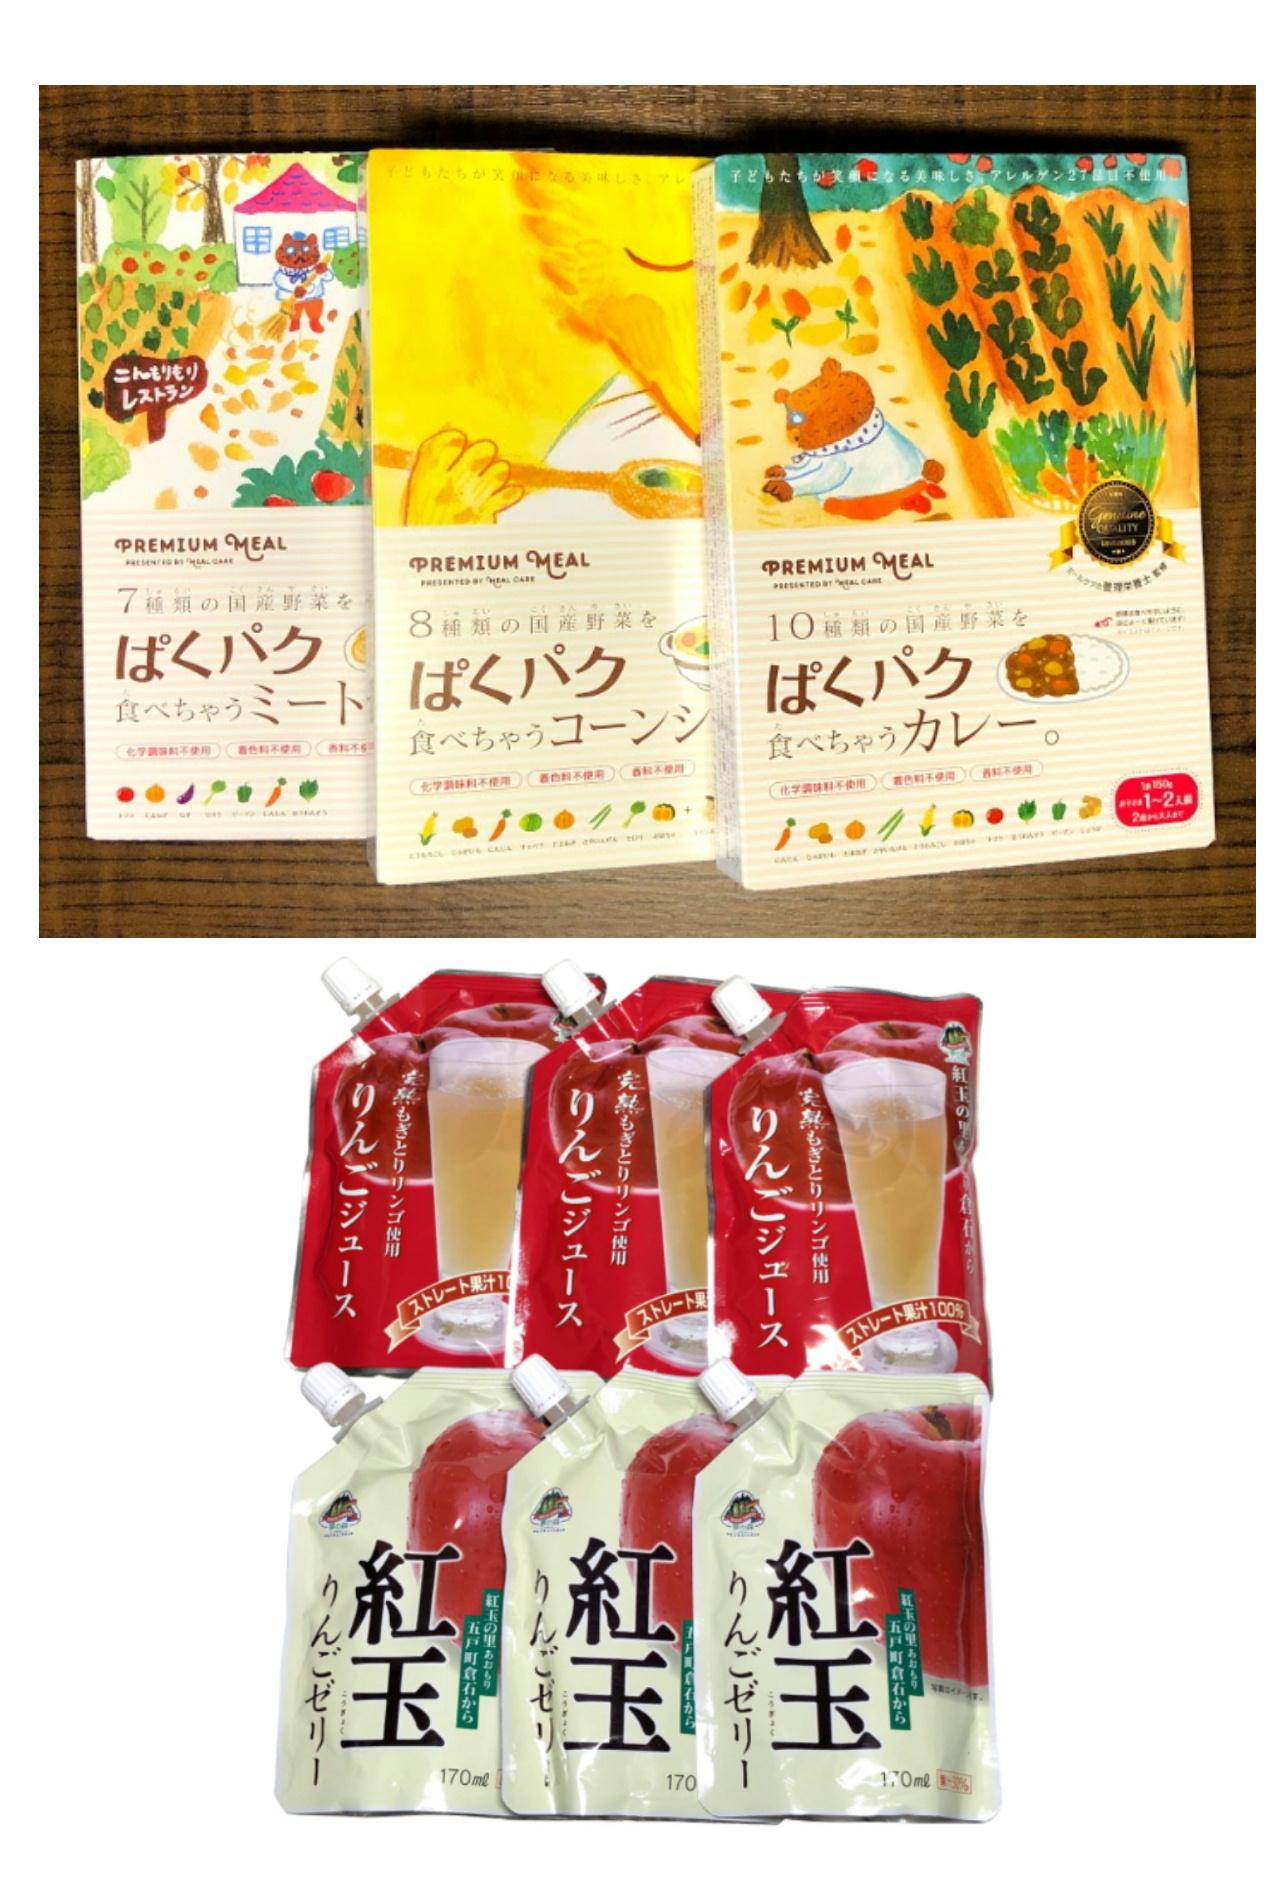 巣ごもりセット(ぱくぱくシリーズとりんごジュースセット)限定1セット